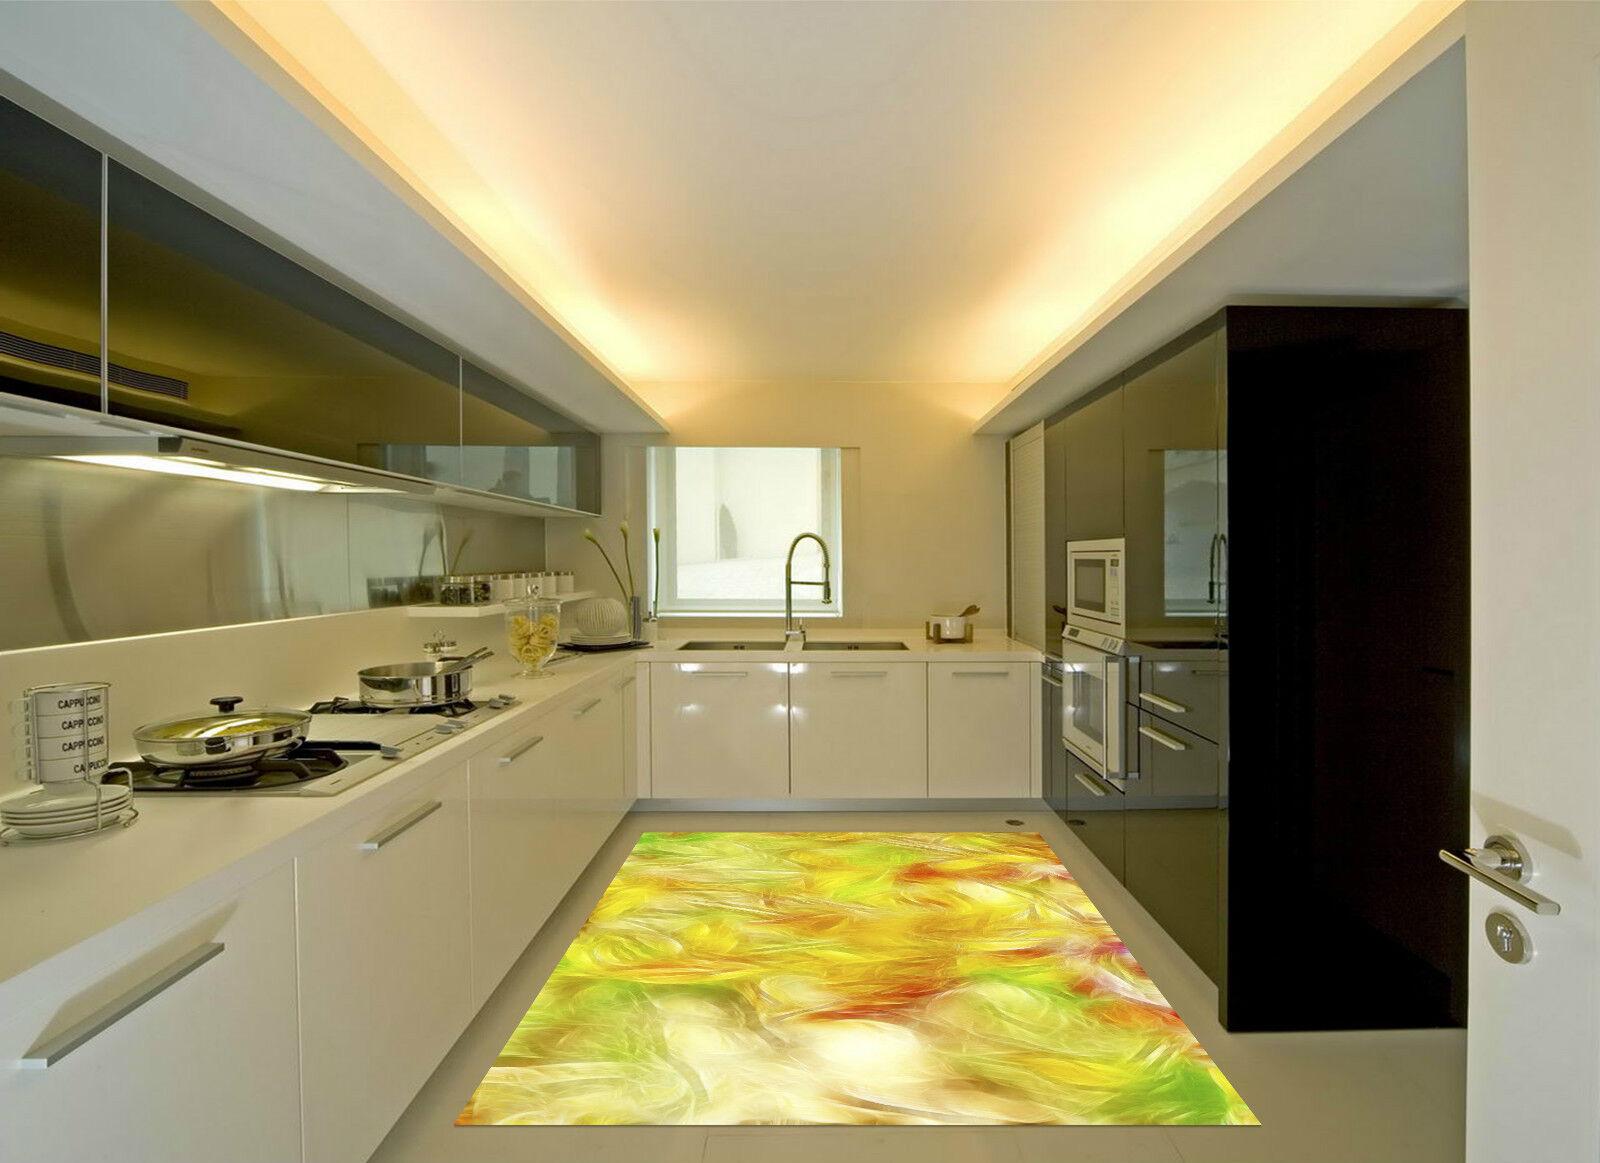 3D Shiny Leaves 5 Kitchen Mat Floor Murals Wall Print Wall Deco AJ WALLPAPER CA